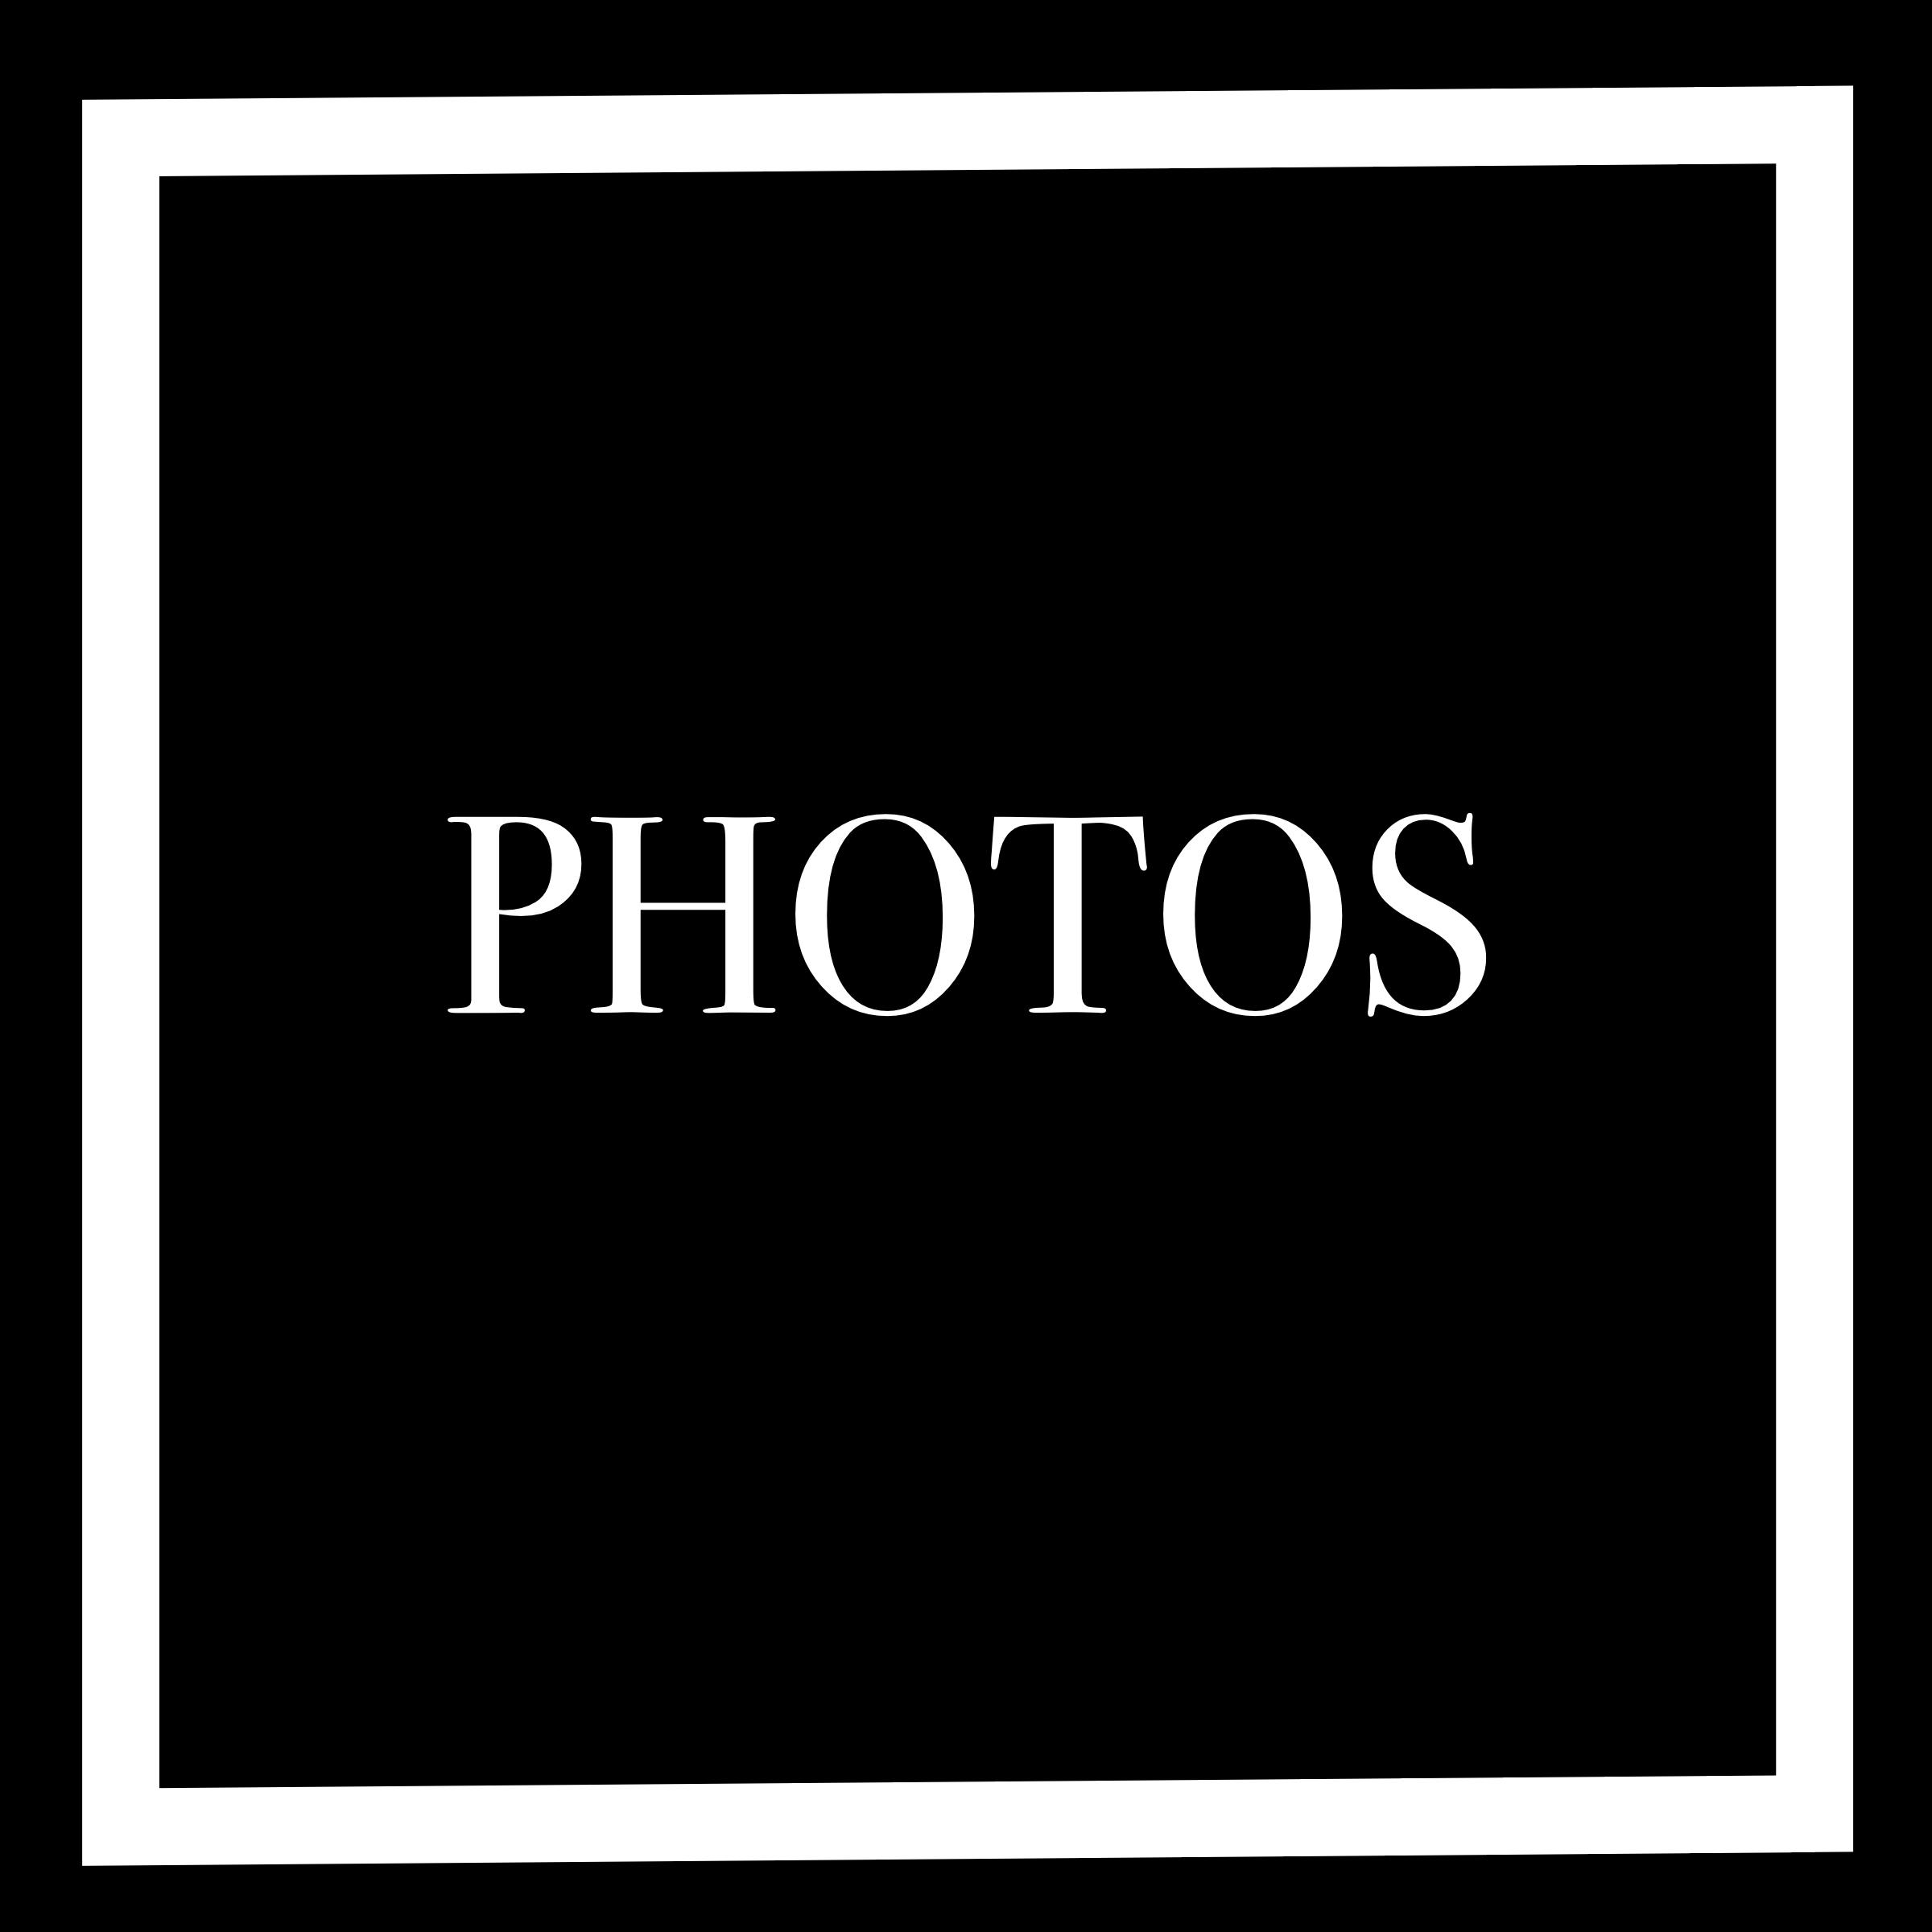 Photos Button.jpg